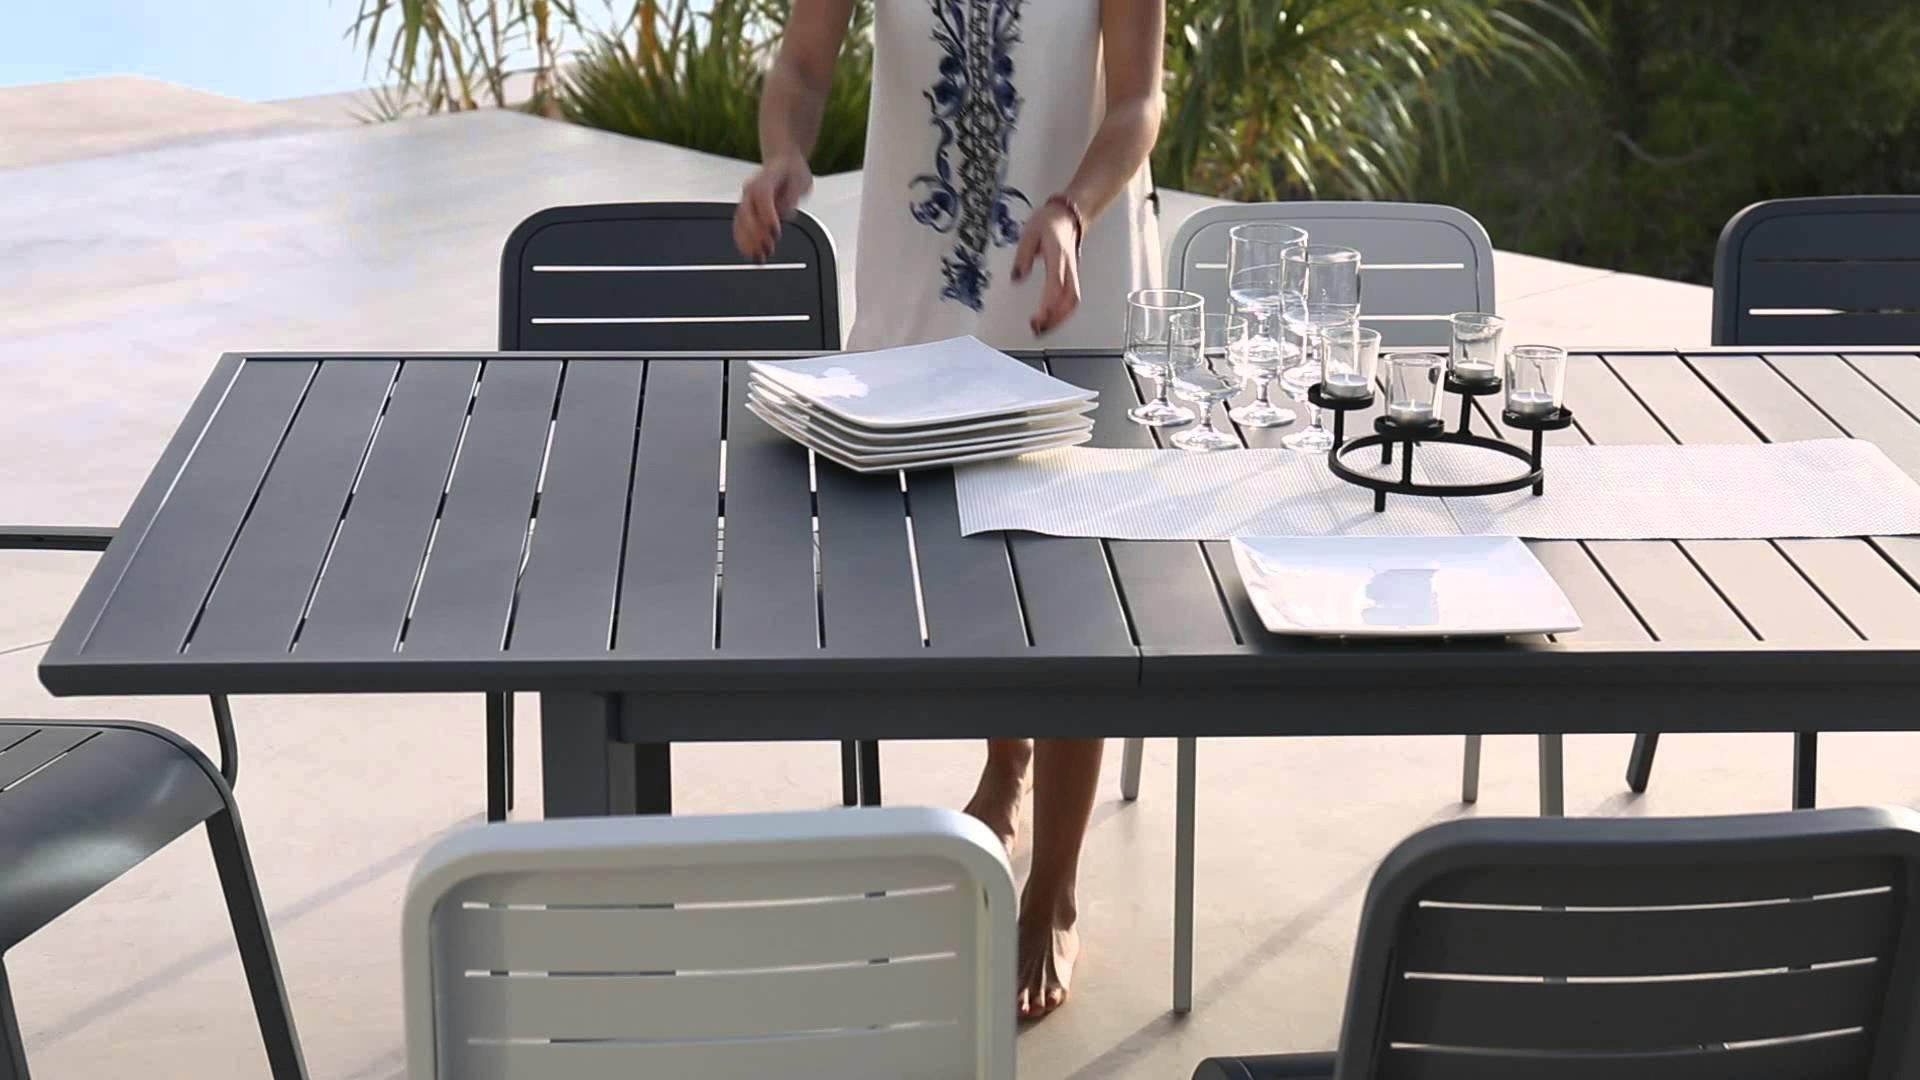 Salon de jardin aluminium kettler - Mobilier de jardin et terasse